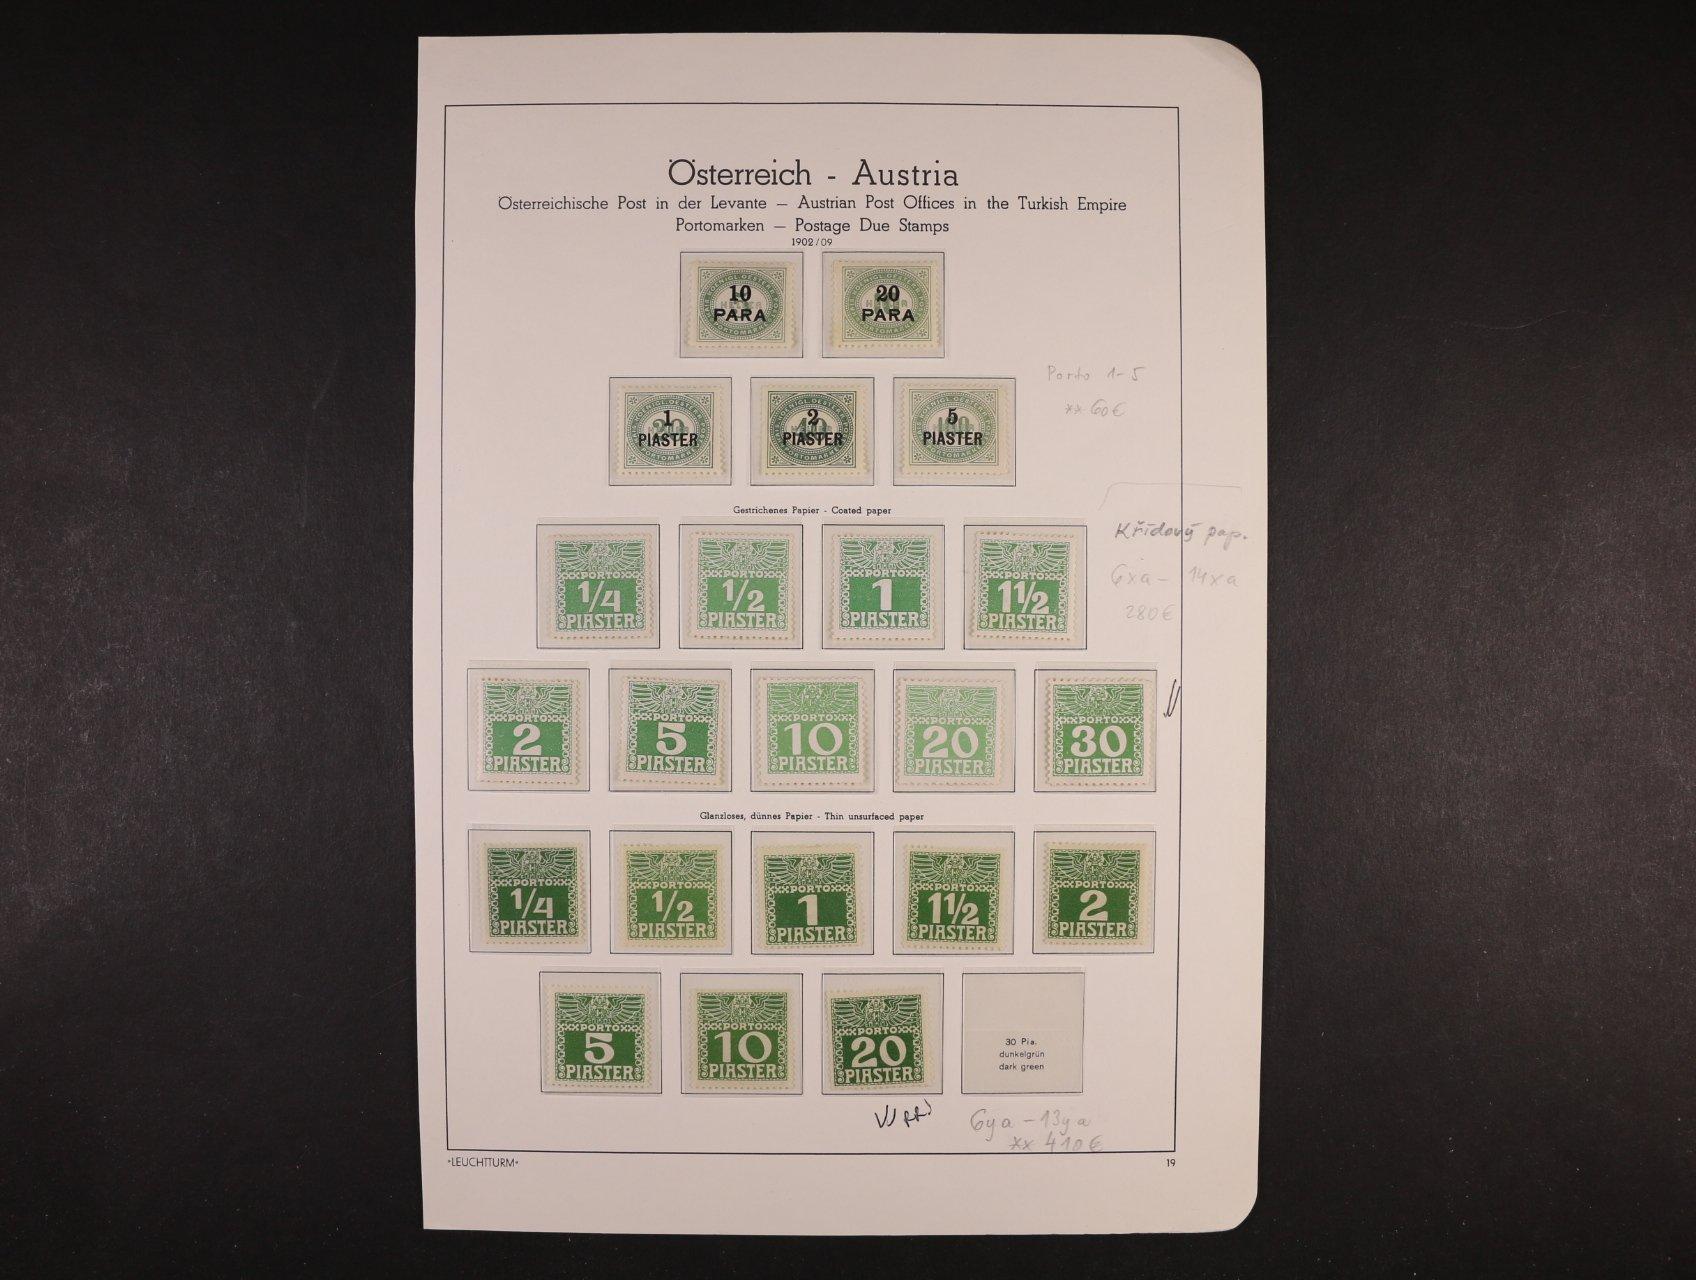 zn. doplatní 1902 - 9 - sestava zn. na různých papírech  v barvě světlé a tmavé, obsahuje zn. Mi. č. 1 - 5, 6xa - 14xa, 6ya - 13ya (chybí 14ya), 6xb - 14xb, 6yb - 13yb (chybí 14yb), 2015 EUR, uloženo na dvou listech v Hawidkách